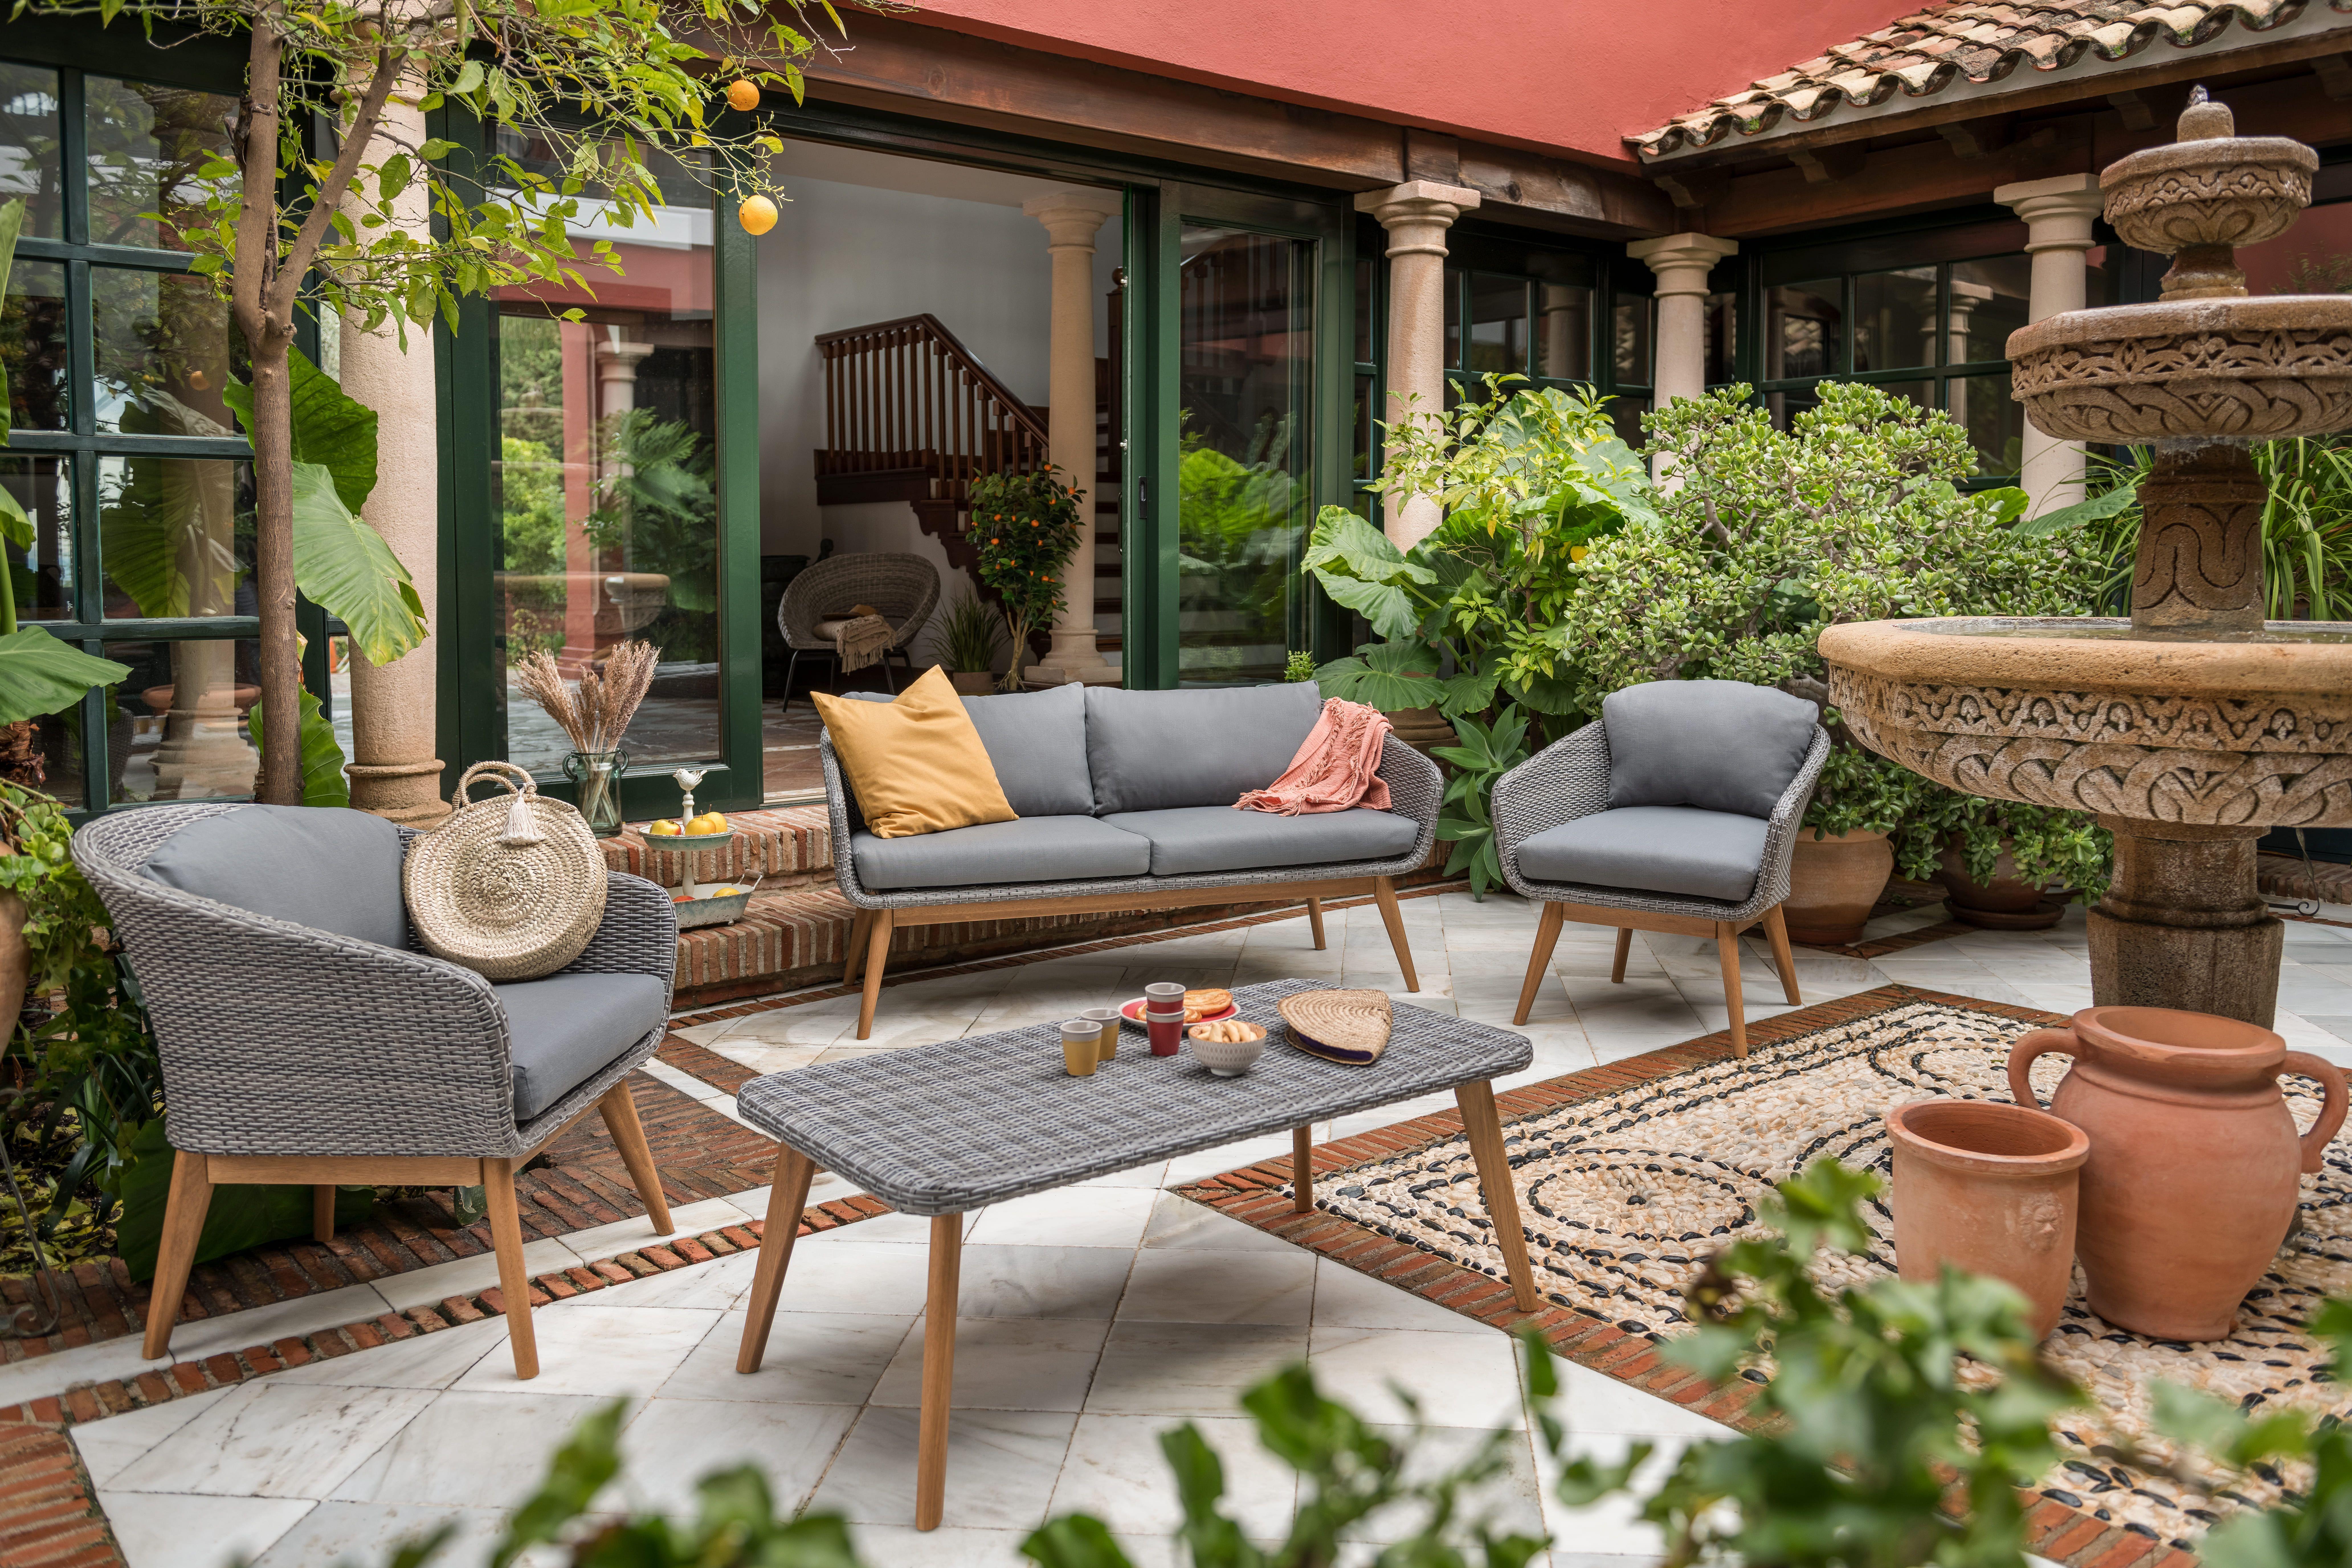 Mobilier Jardin Design Scandinave